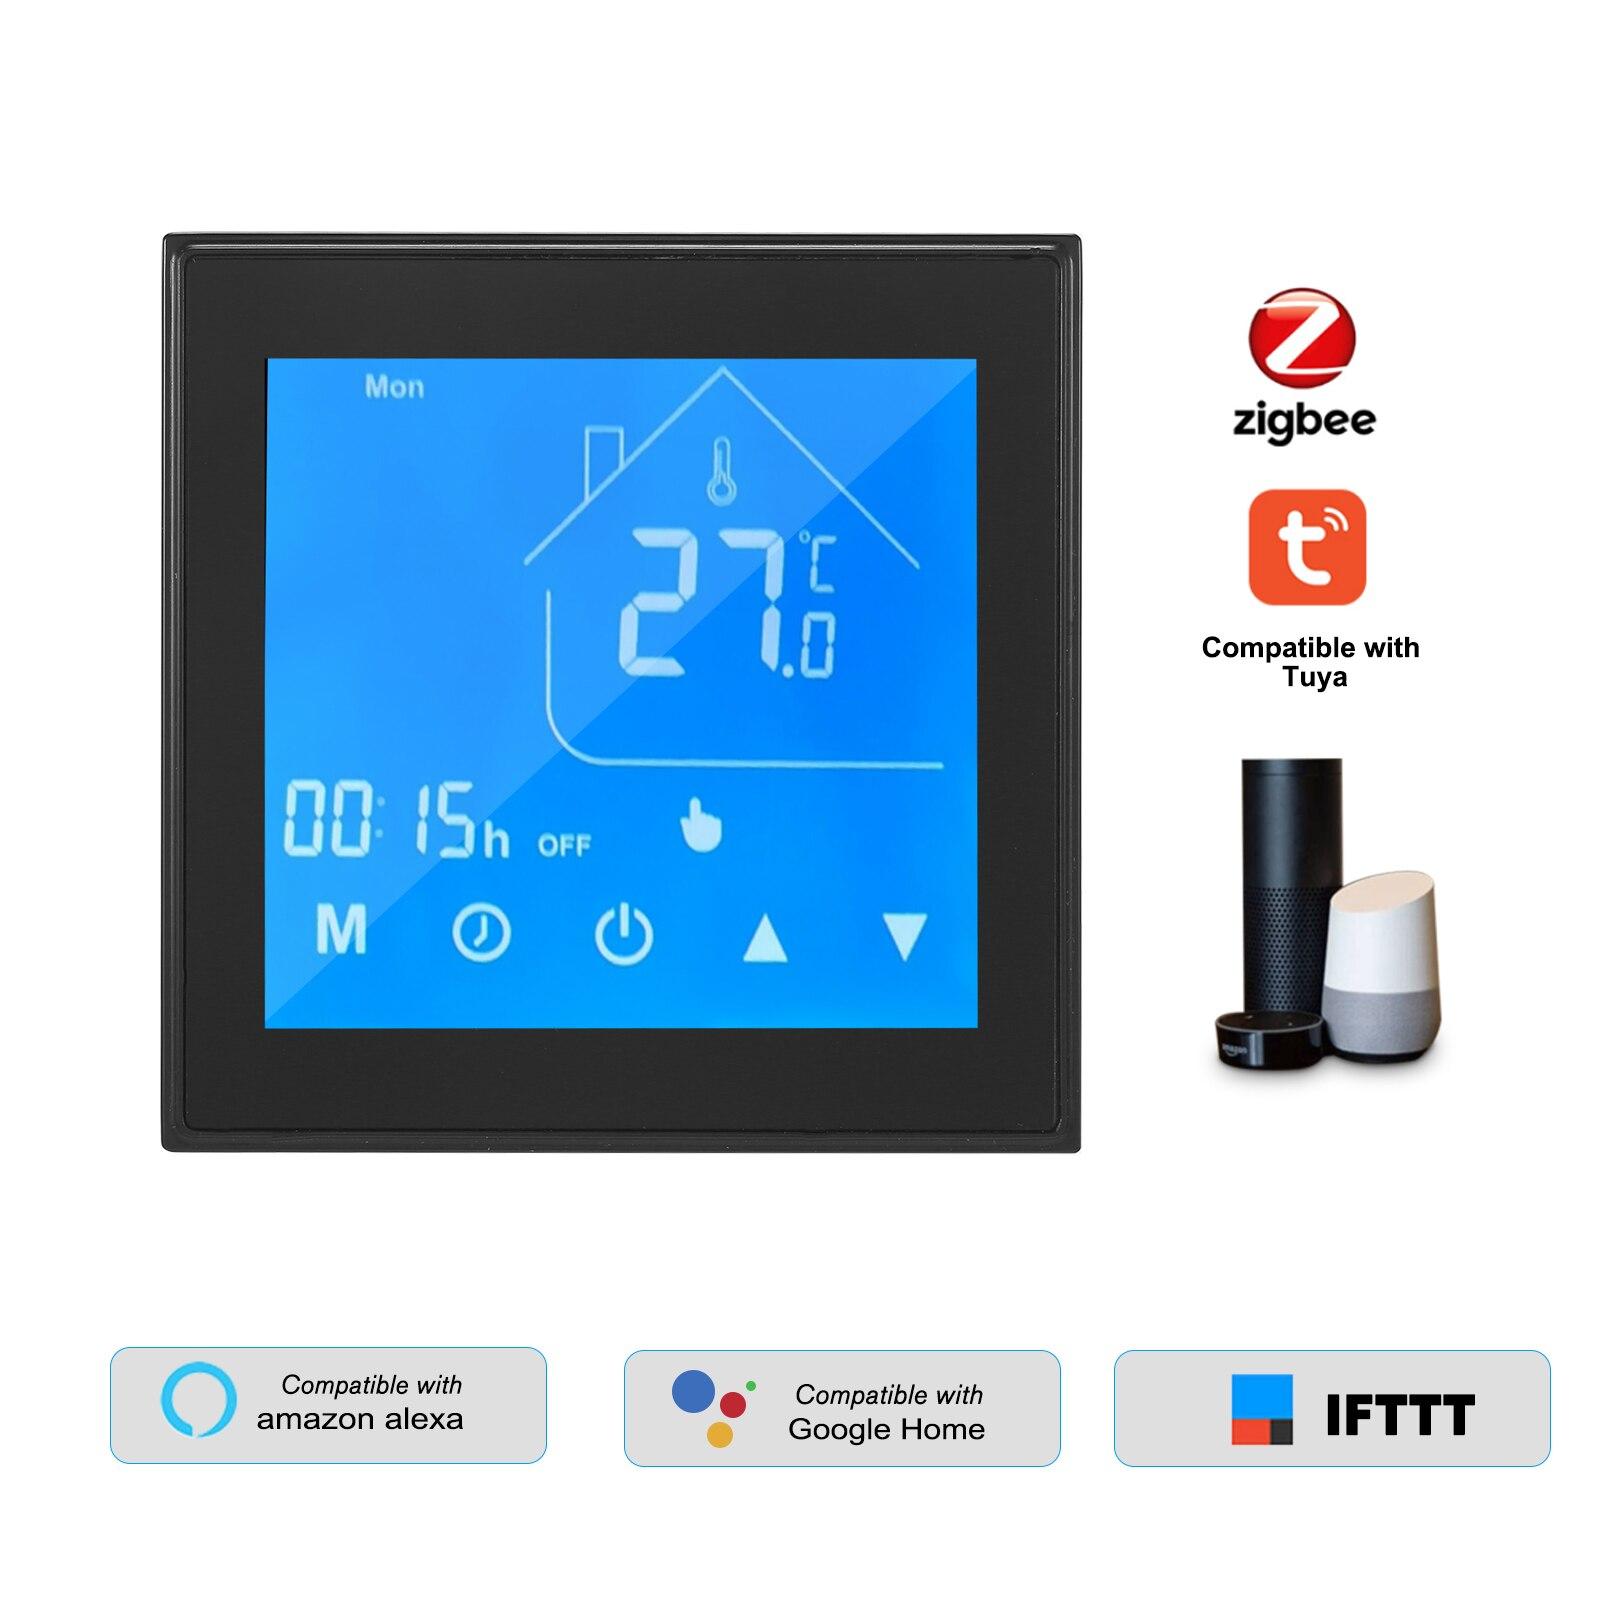 تويا زيجبي منظم حراري ذكي متحكم في درجة الحرارة LCD أسبوع للبرمجة للكهرباء تحت البلاط التدفئة تويا APP التحكم